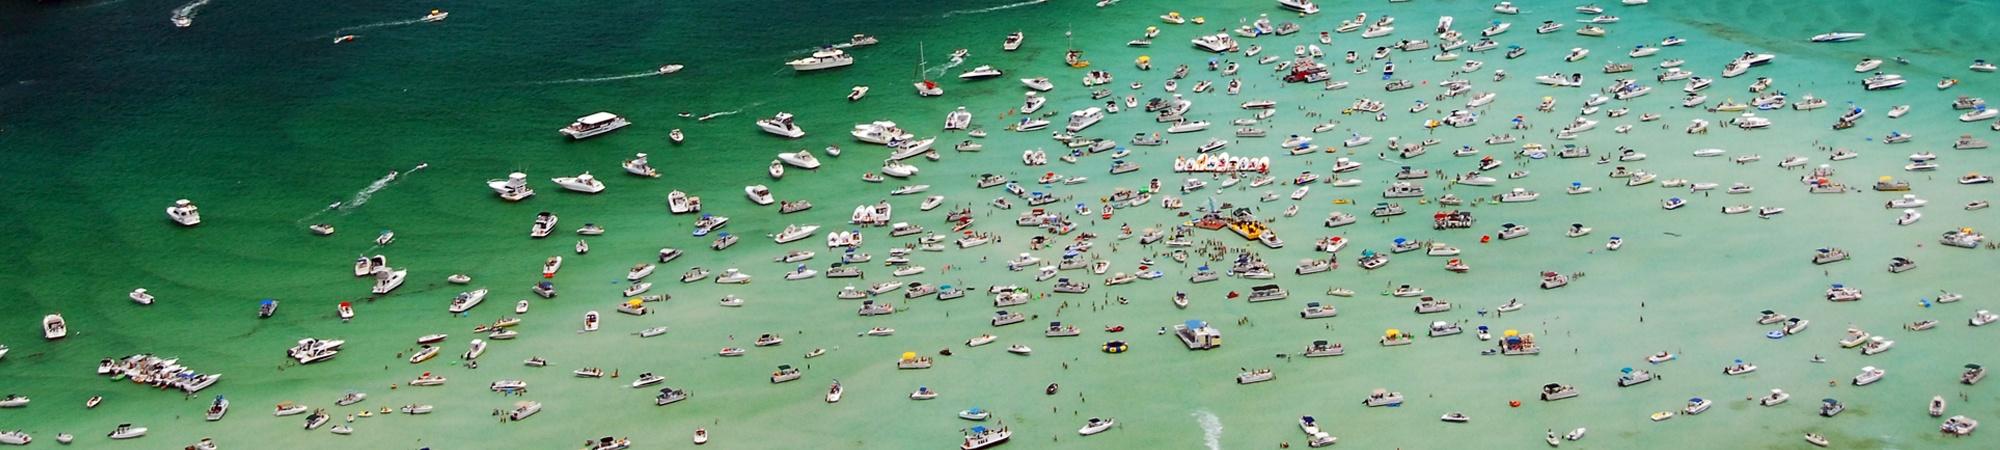 Crab Island Destin FL.